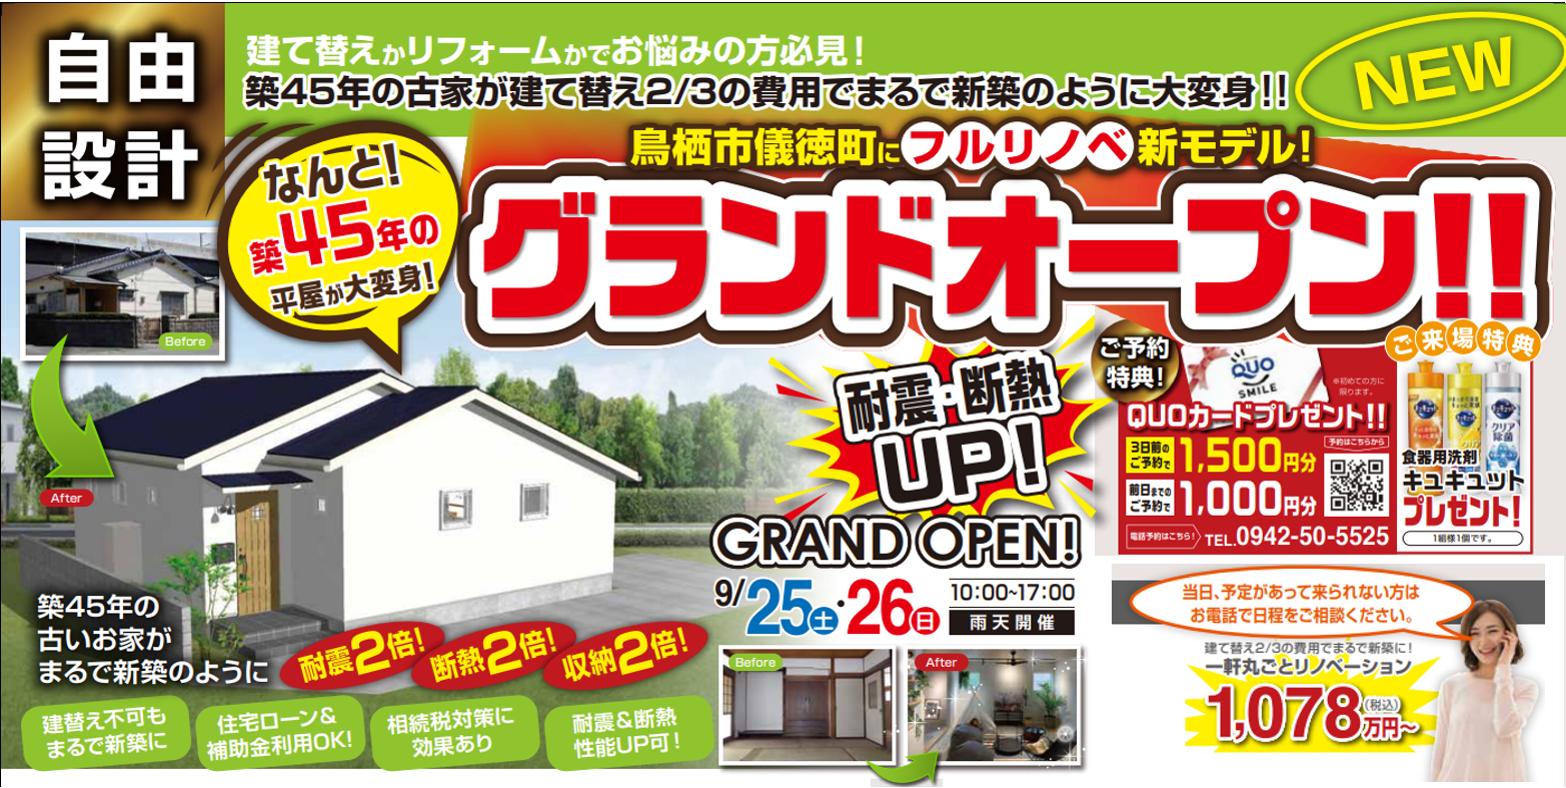 儀徳町モデルハウスグランドオープン